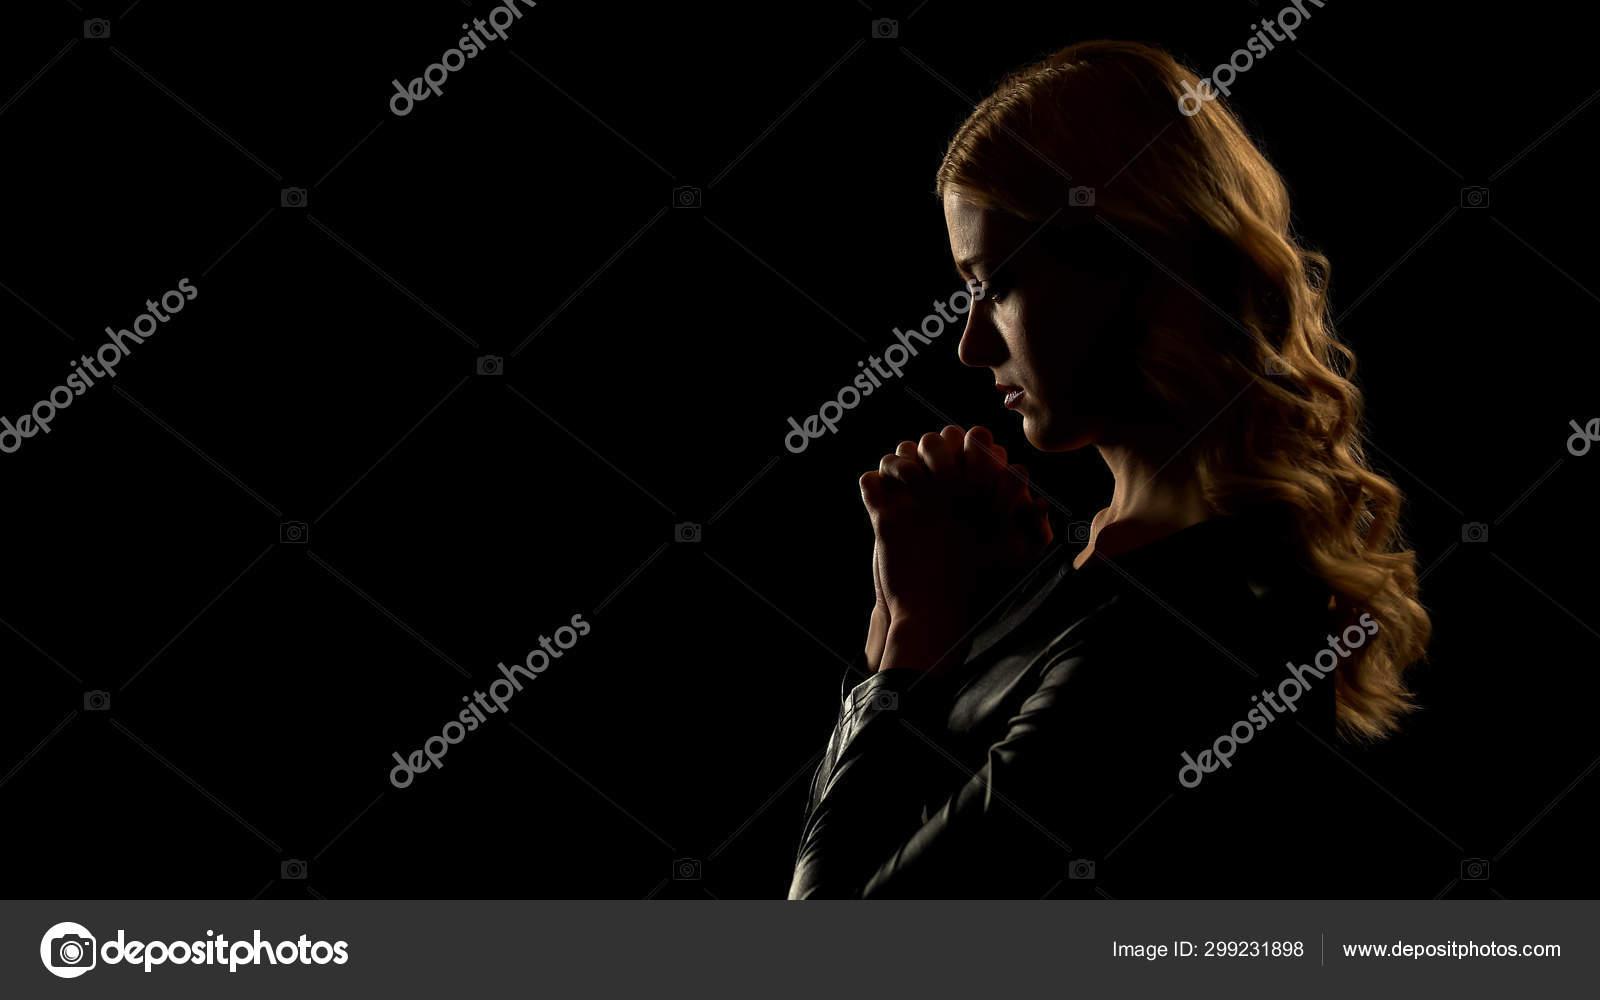 Oscura confesión: esposando la sombra & denunciando el vicario de Dios